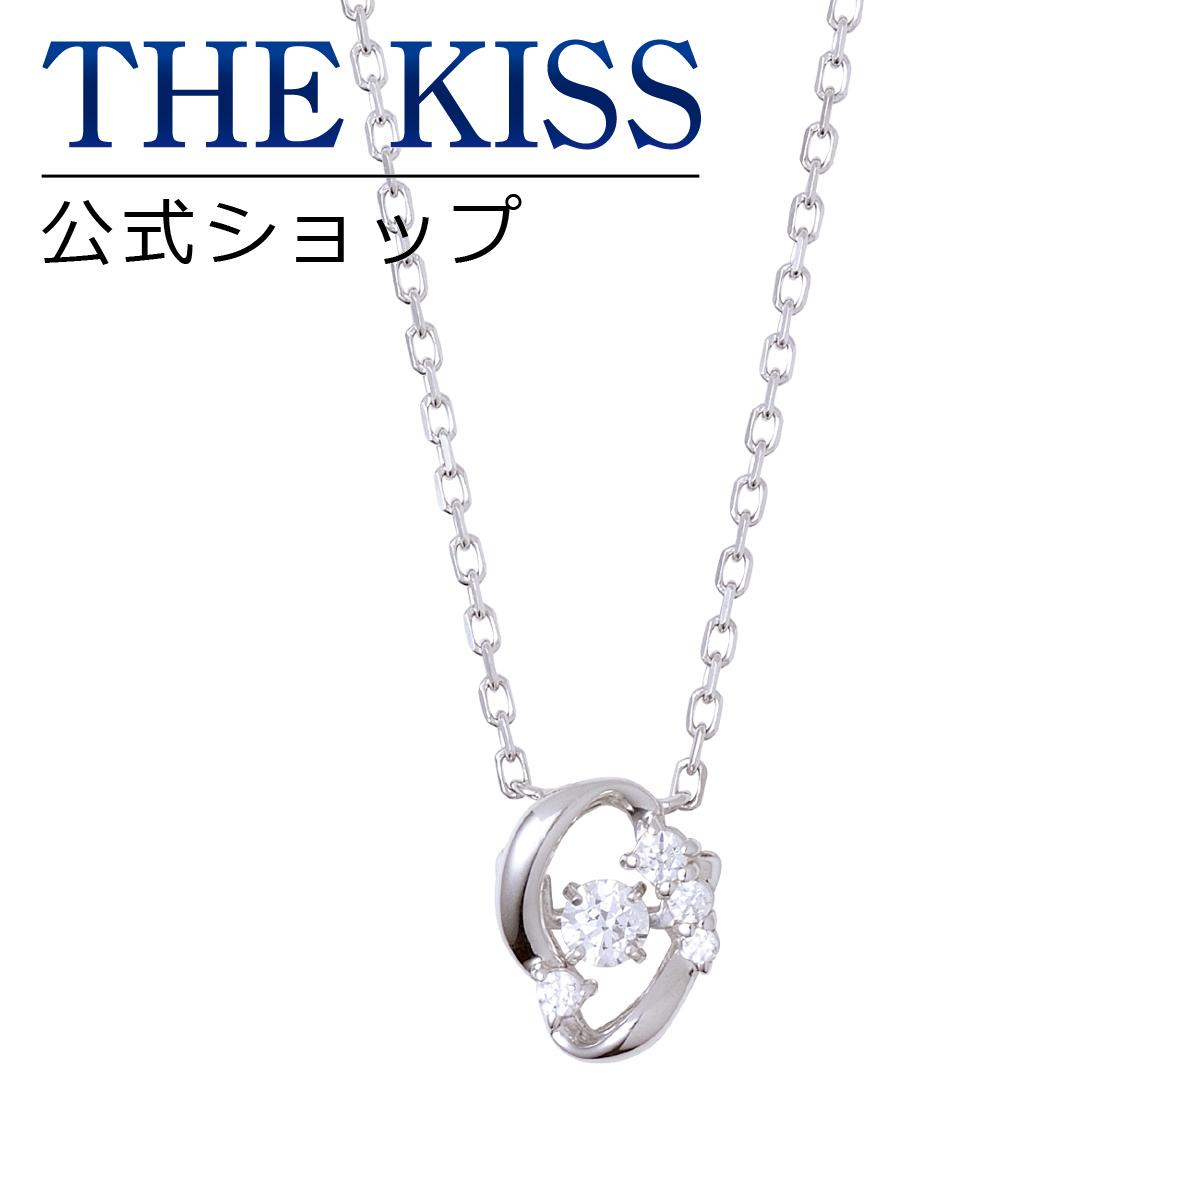 【あす楽対応】ダンシングストーン Dancing Stone THE KISS 公式サイト シルバー ネックレス レディースジュエリー・アクセサリー ジュエリーブランド THEKISS ネックレス・ペンダント 記念日 SPD1405CB ザキス 【Twinkling】【送料無料】